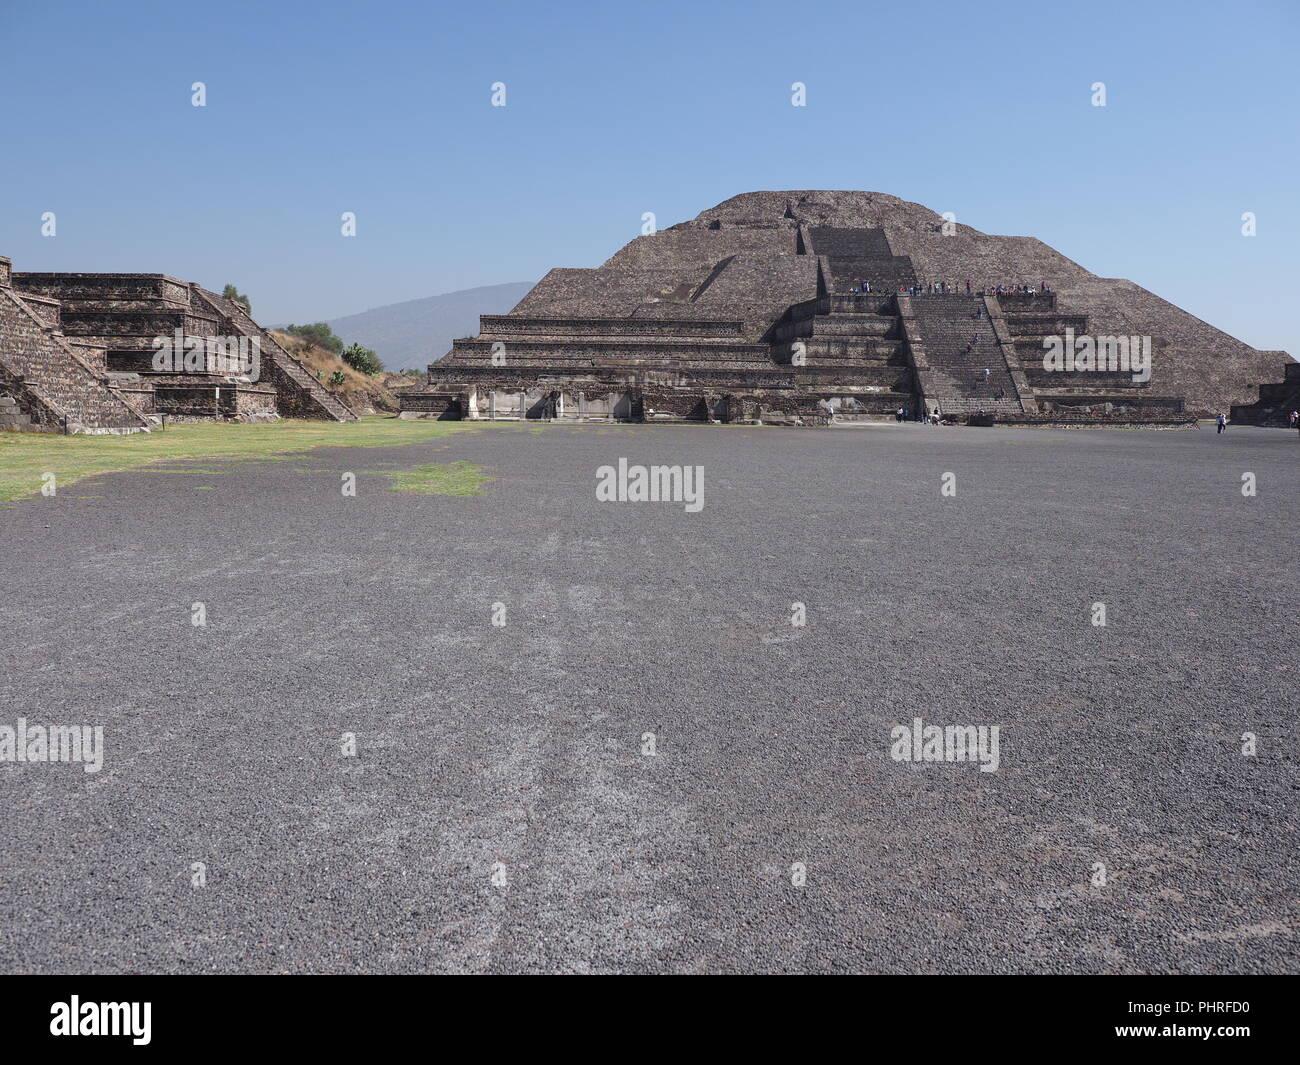 Monumental pirámide de la Luna en Teotihuacan ruinas visto desde la Avenida de los muertos, cerca de la ciudad de México paisaje Imagen De Stock